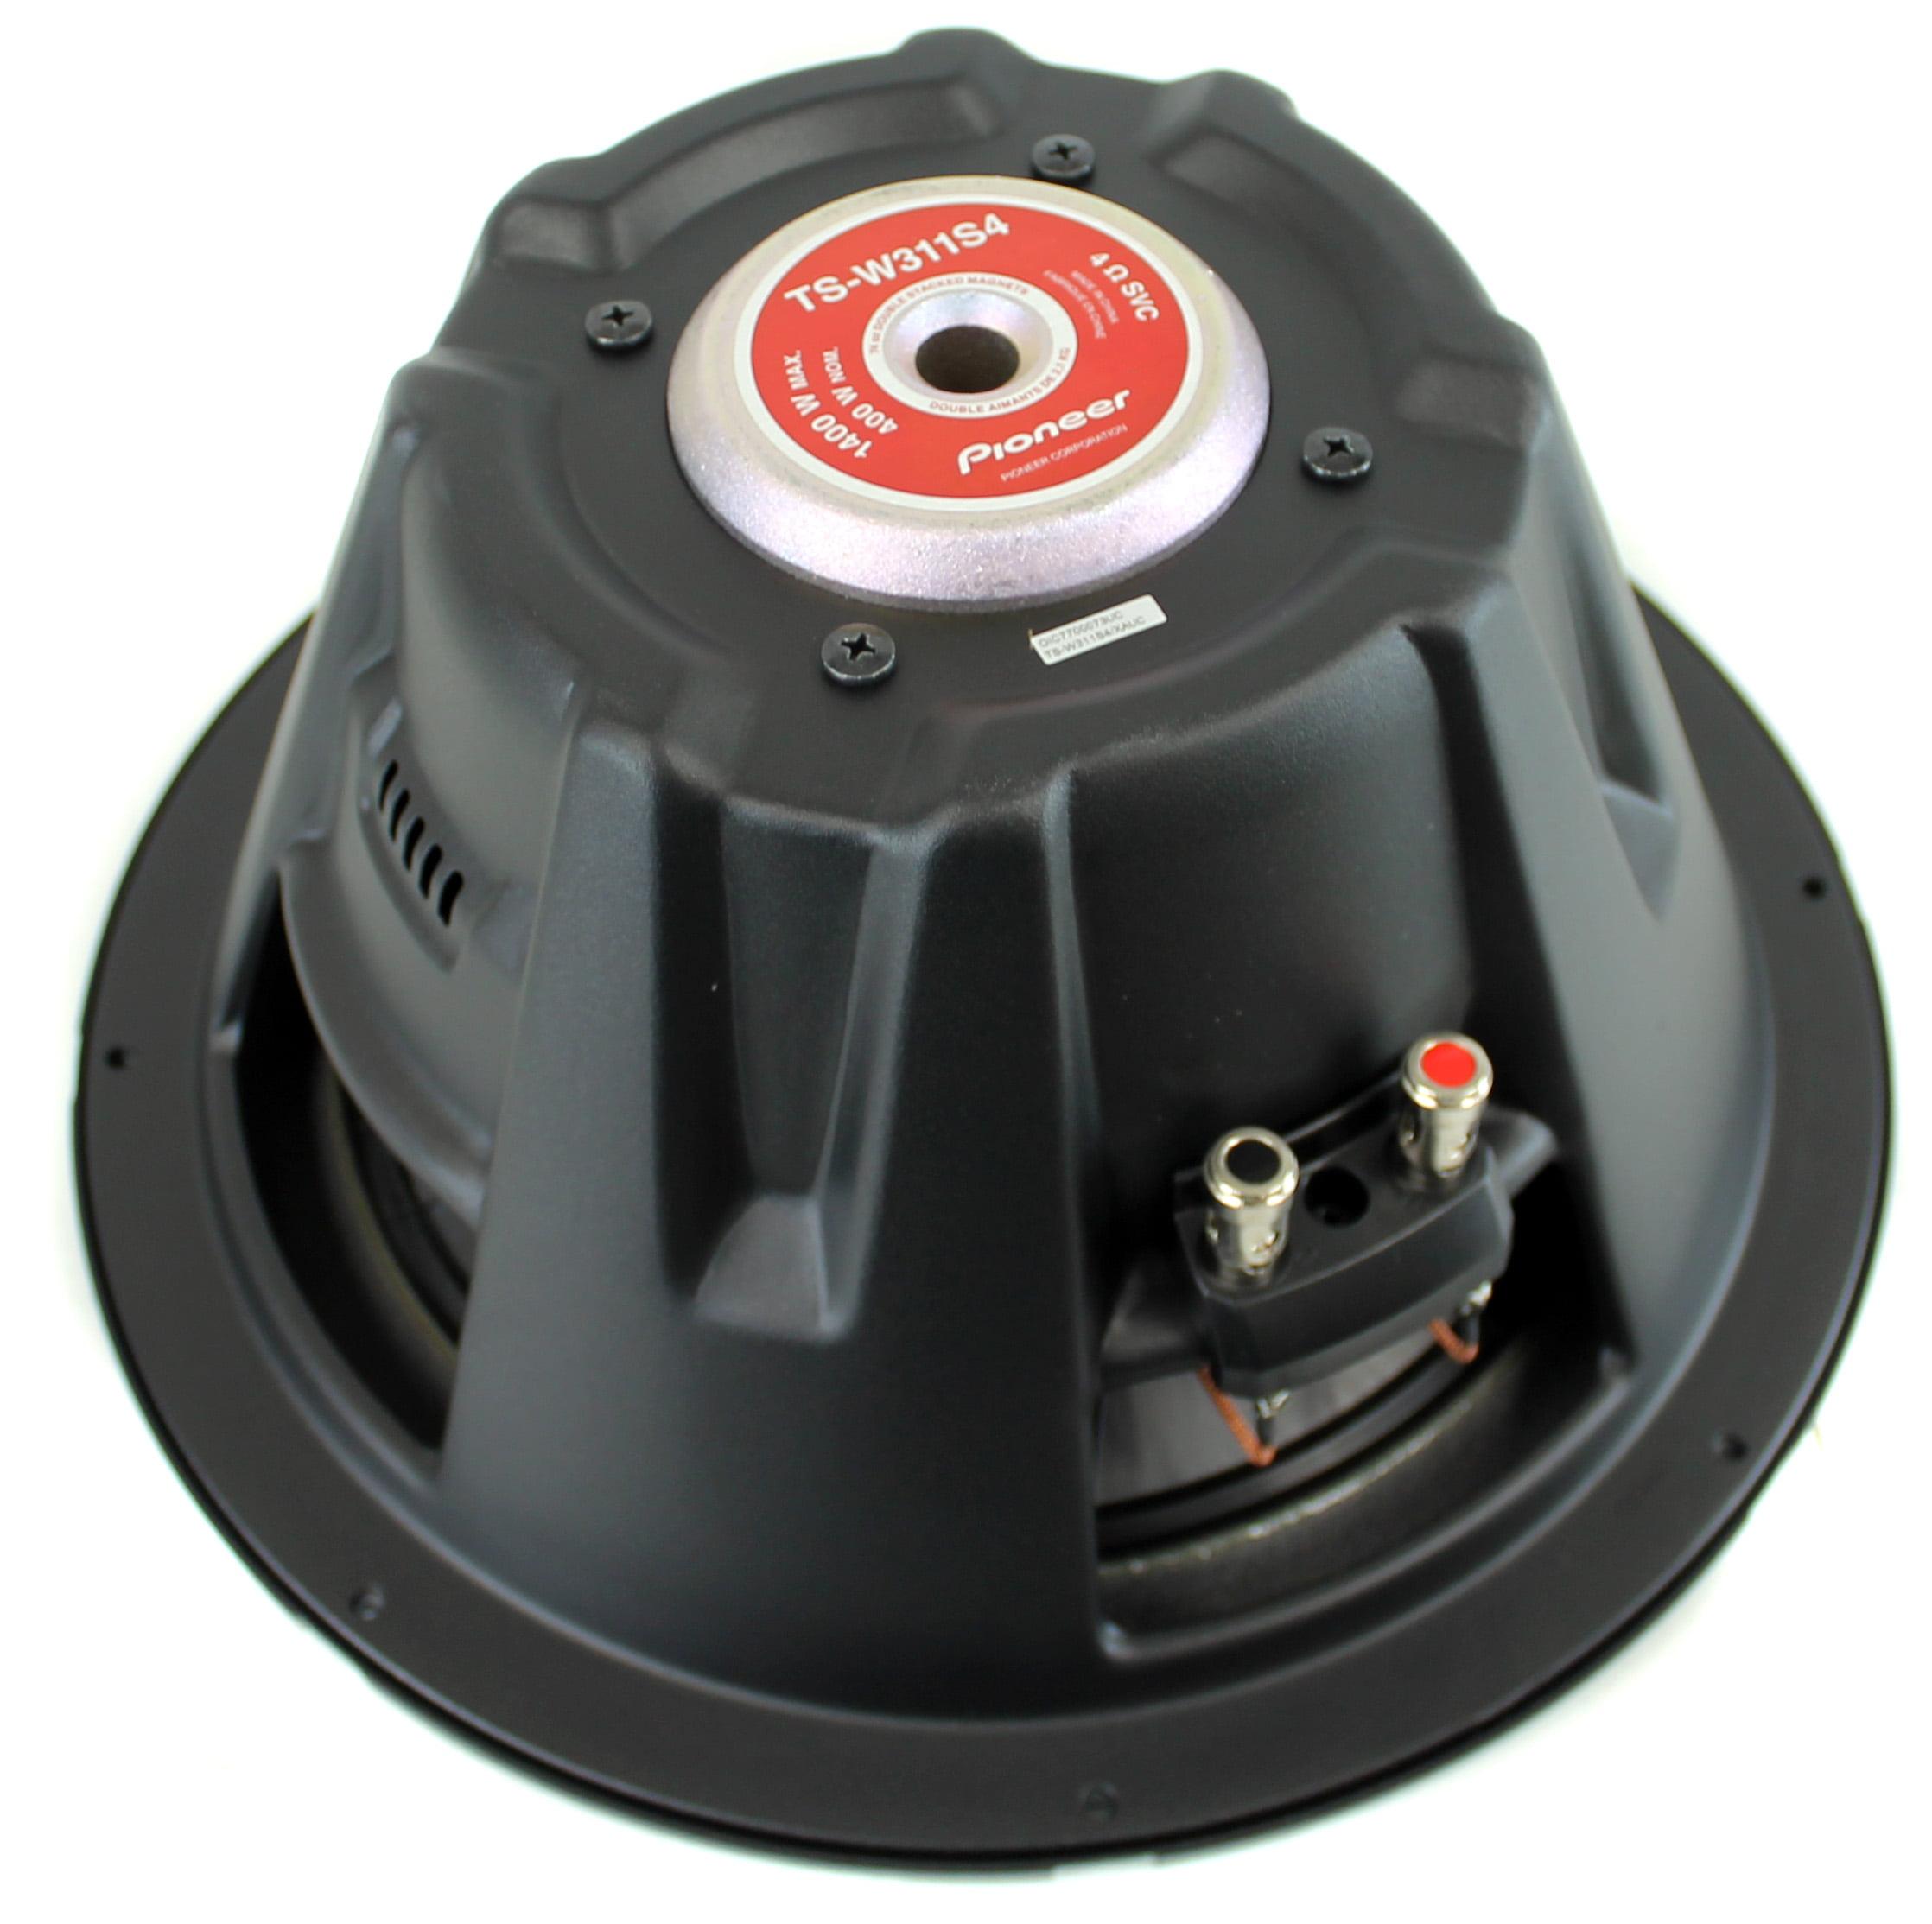 Pioneer 12 Inch 1400 Watt Subwoofer Car Audio Power 4-Ohm SVC Sub ...